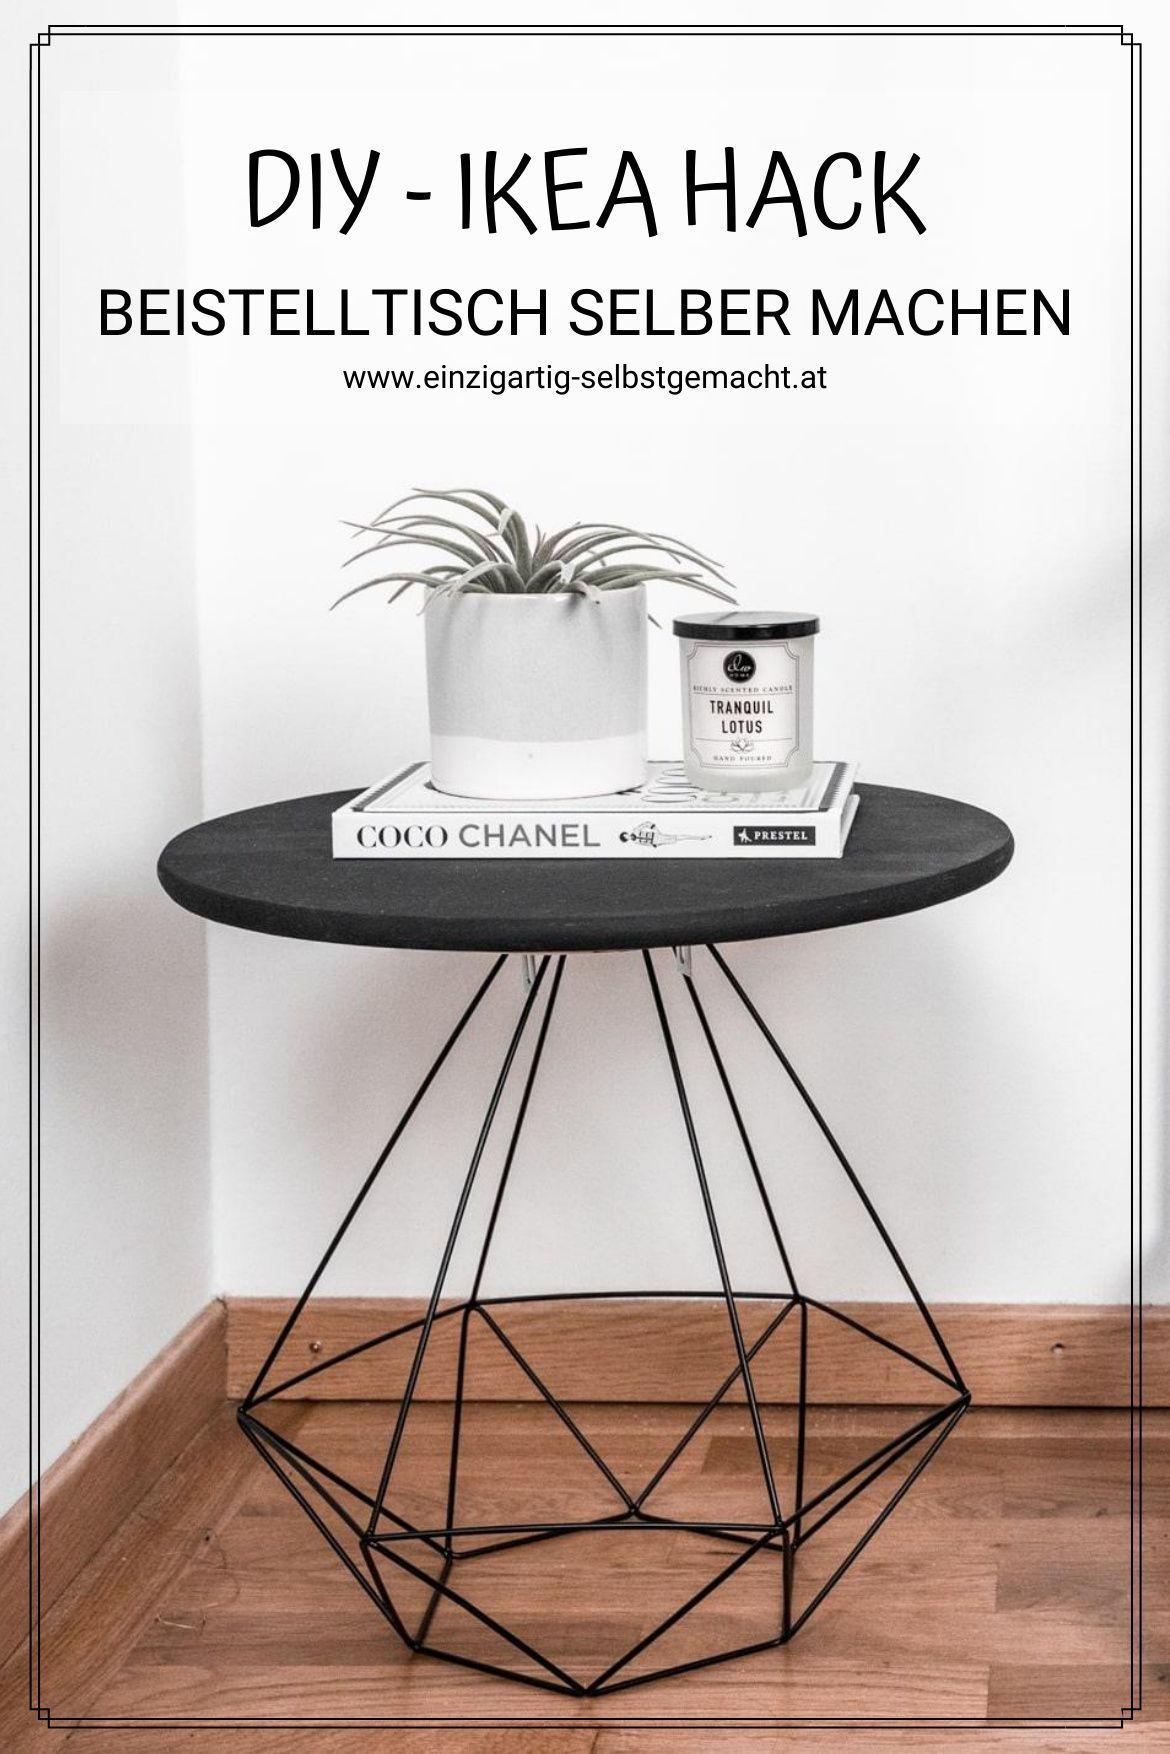 Tisch Selbst Bauen Aus Ikea Produkten 2 Einfache Diy Ikea Hacks In 2020 Do It Yourself Mobel Selber Bauen Diy Beistelltisch